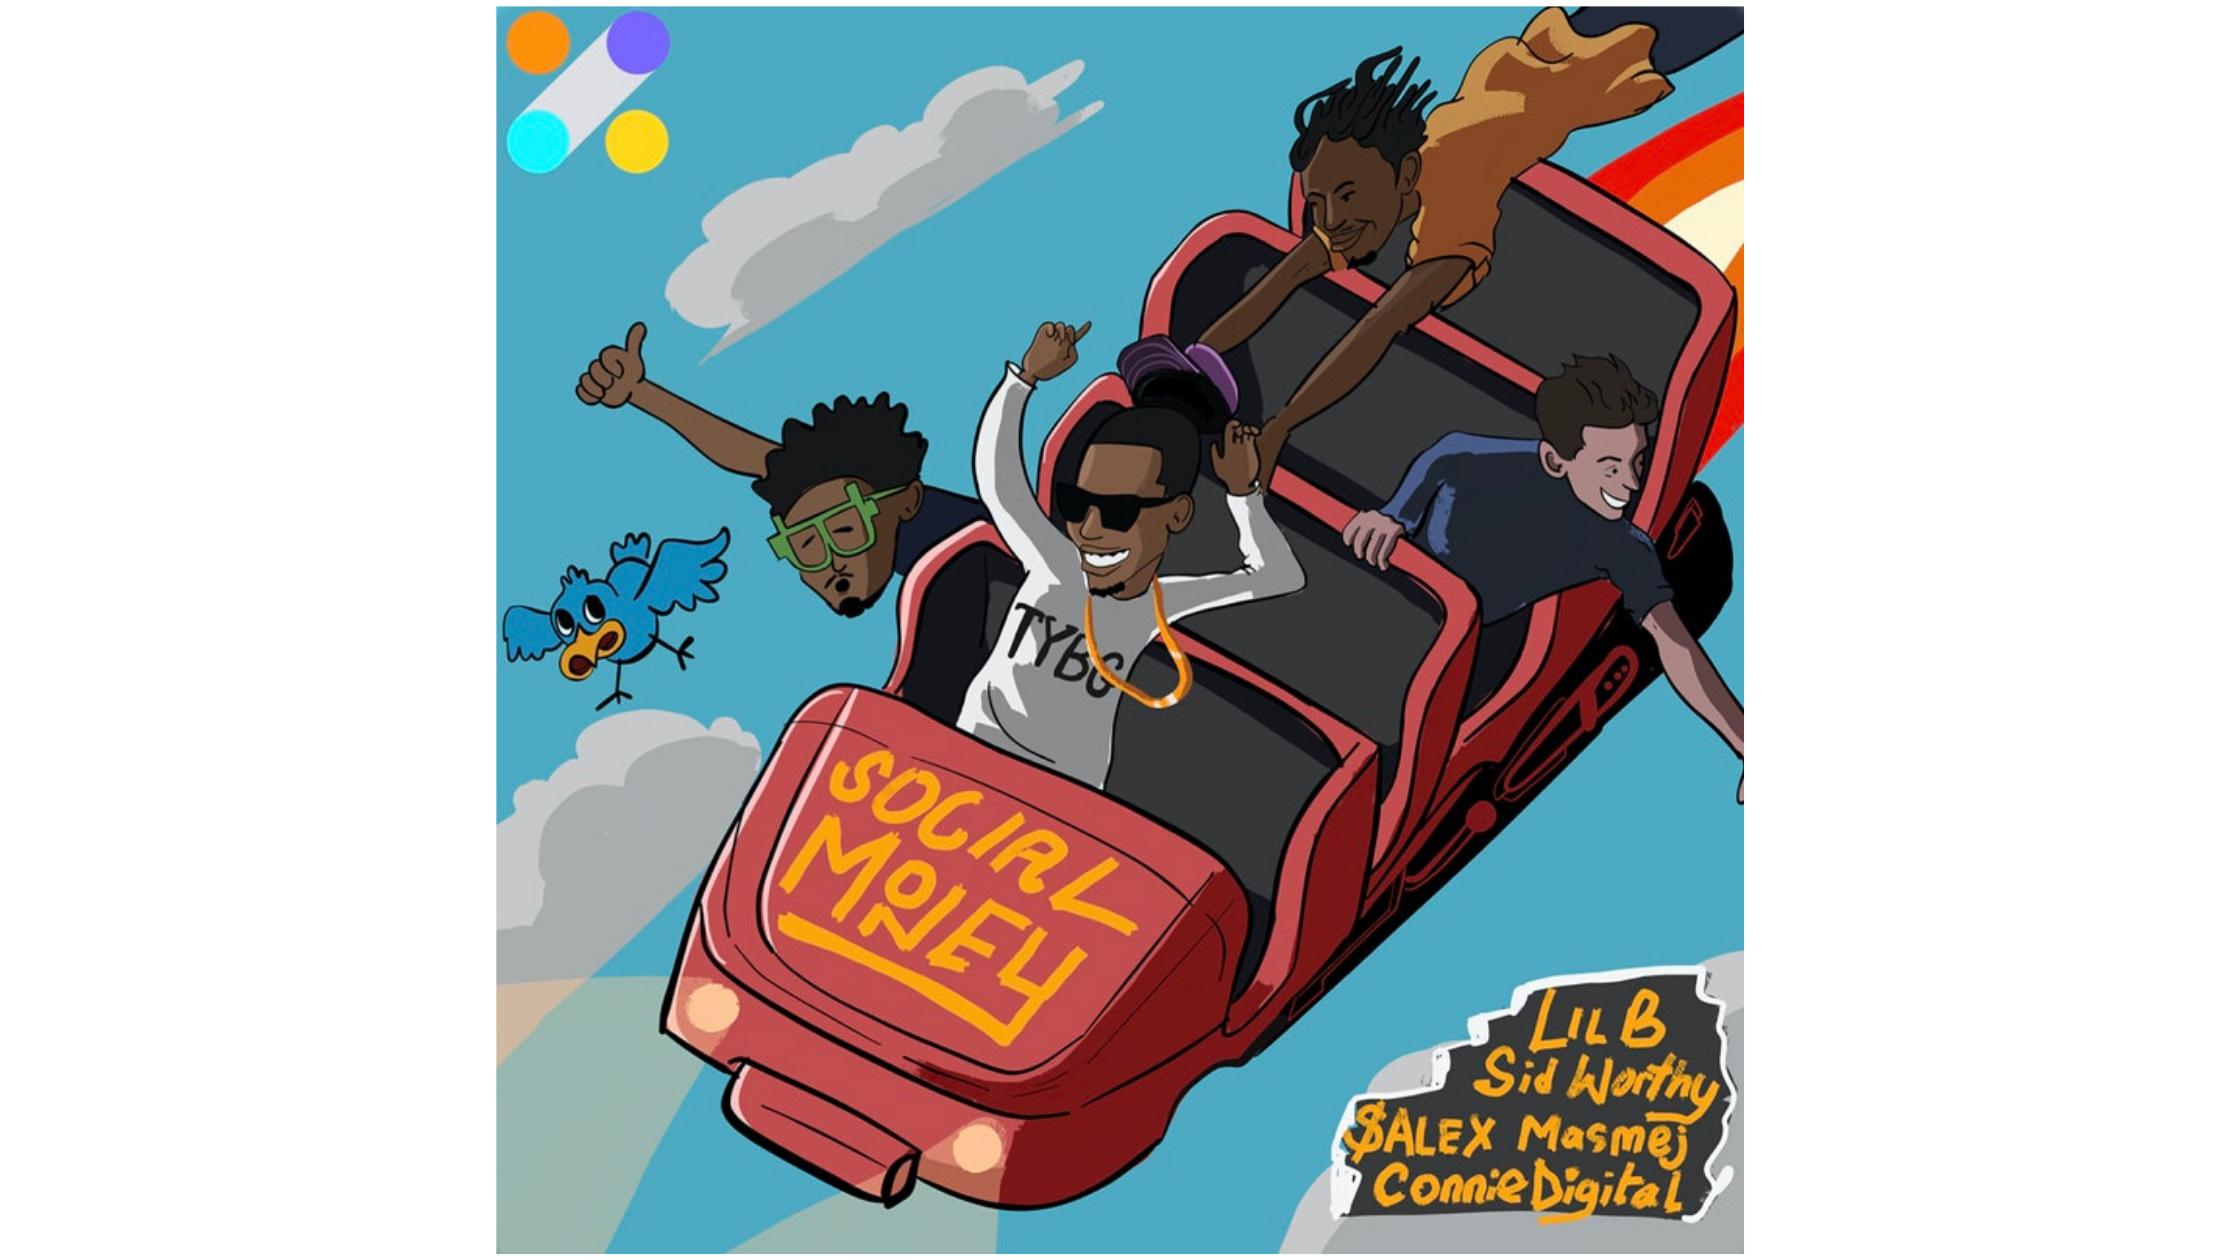 Roll Social Money song Lil B Connie Digital